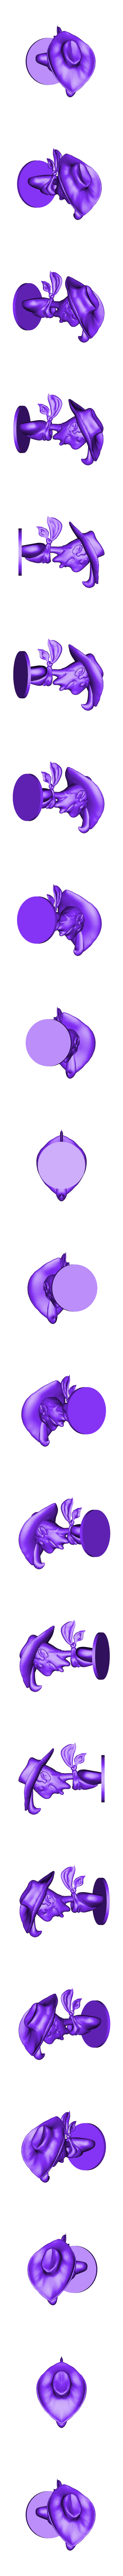 lucky_luke.stl Télécharger fichier OBJ gratuit Lucky lucke de Morris • Modèle pour imprimante 3D, MisterDiD